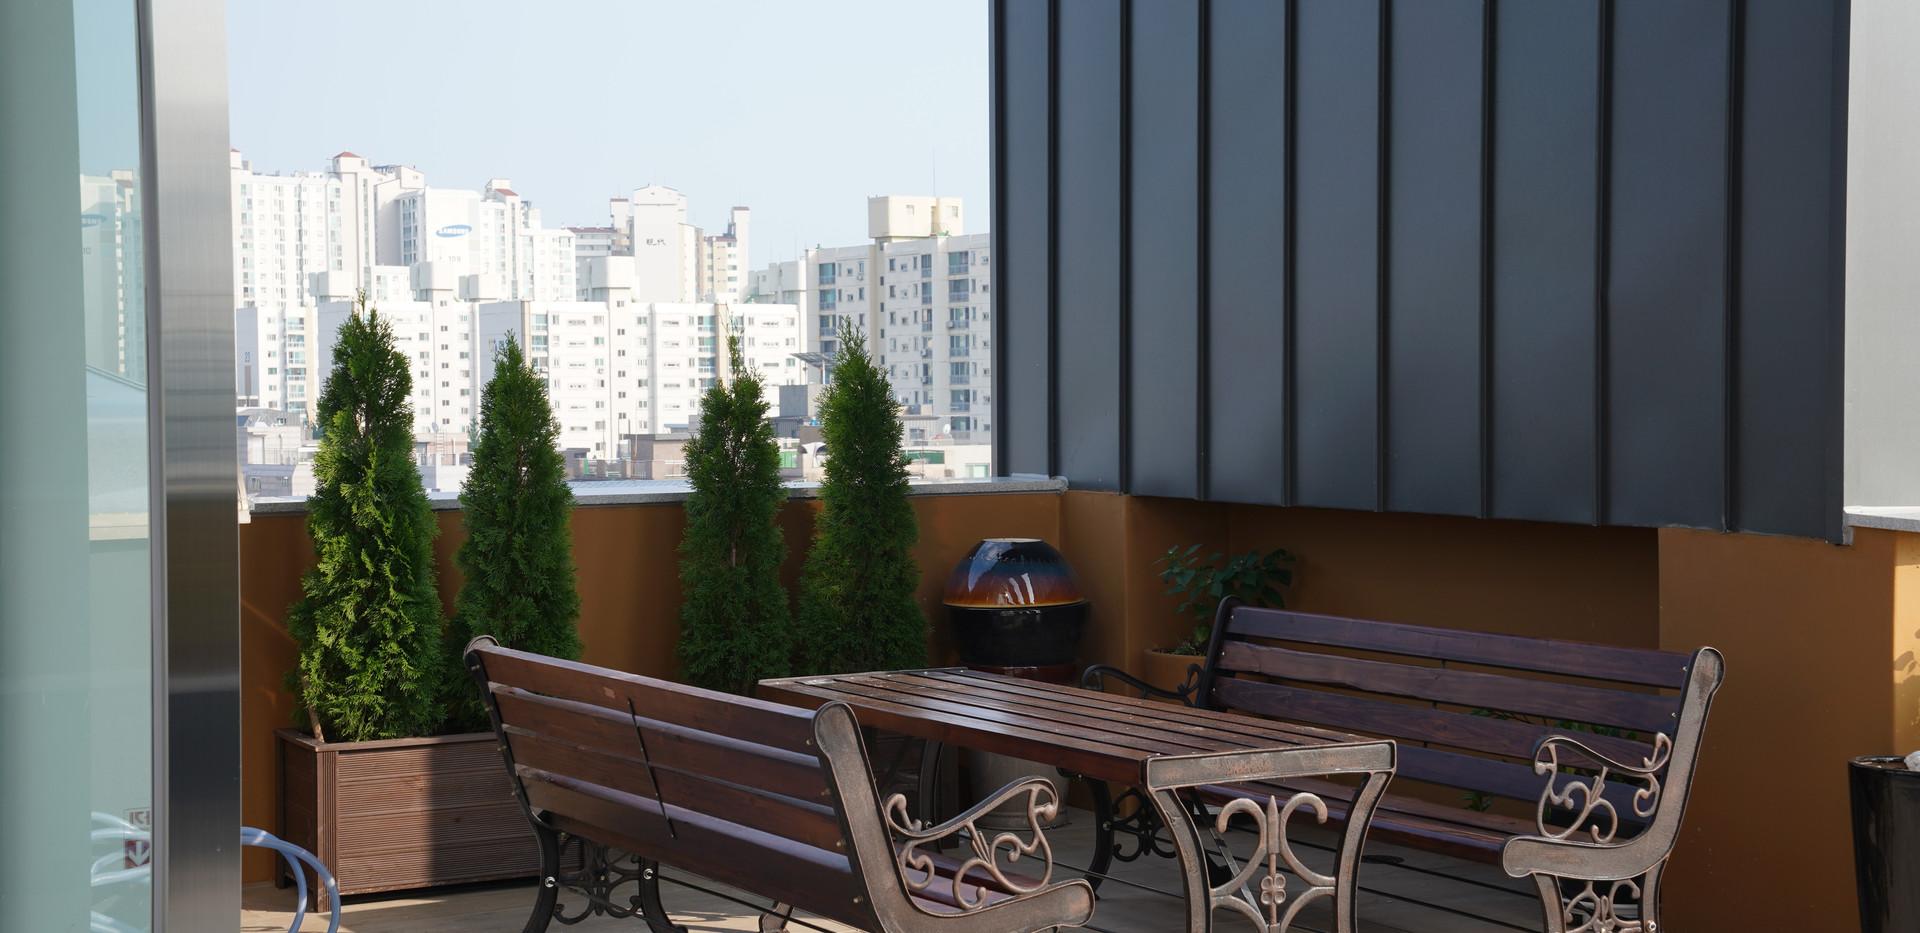 7층 옥상정원